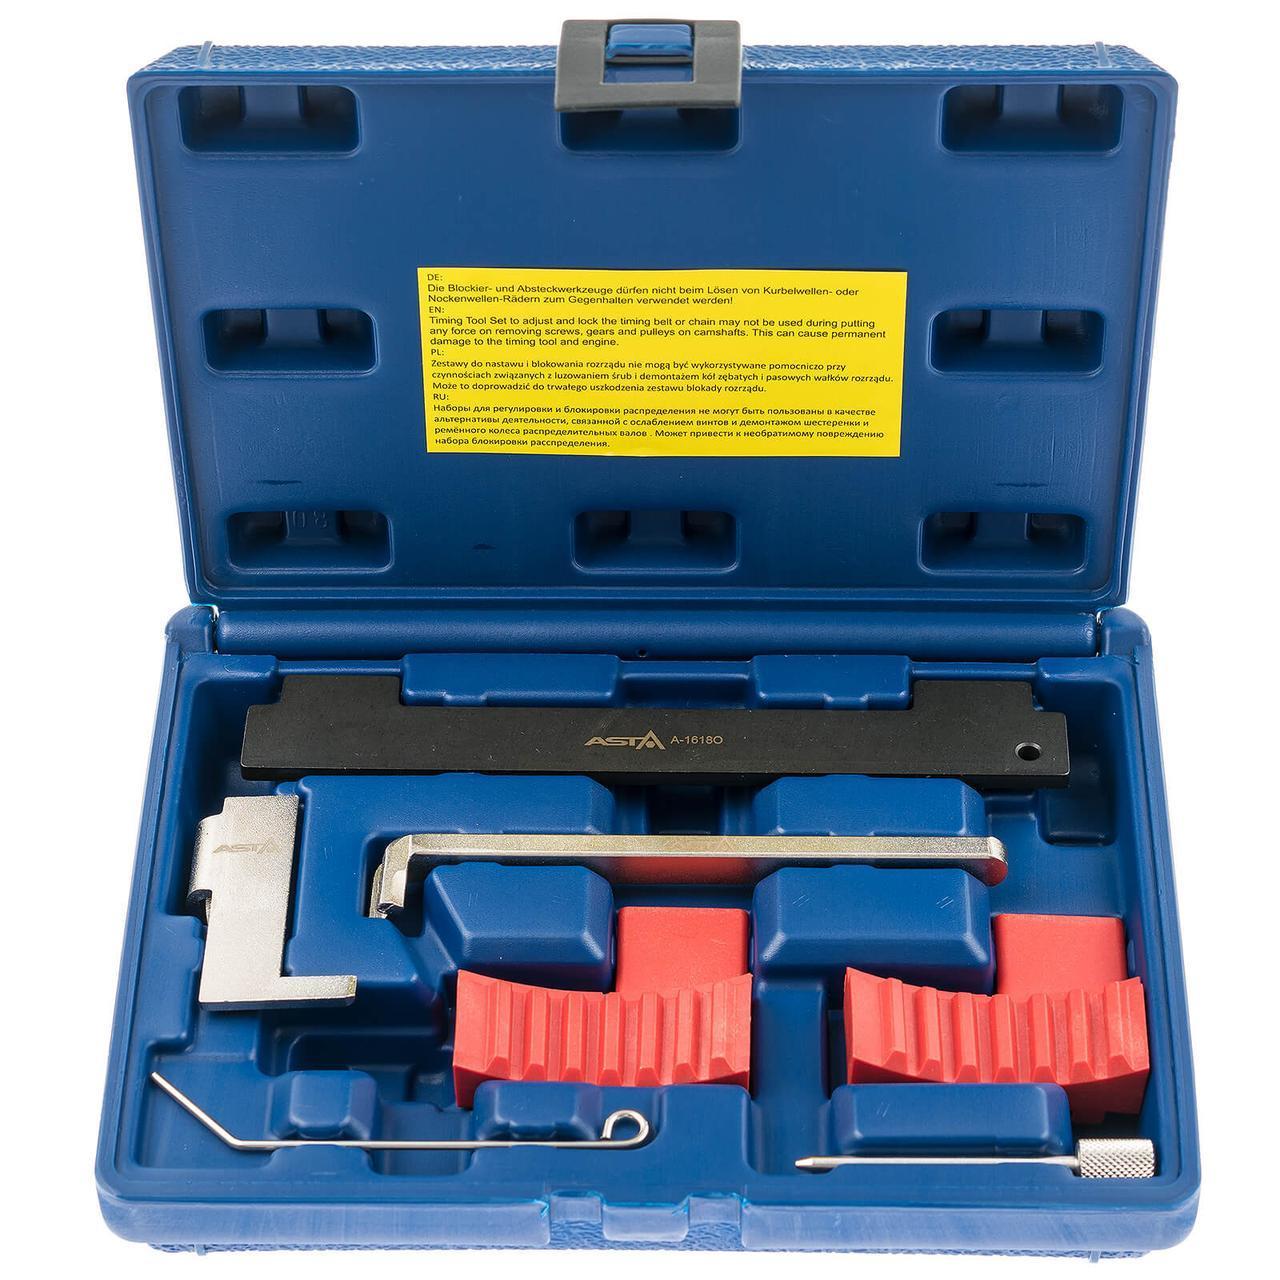 Набір фіксаторів валів ГРМ Opel 1,6, 1,8 ASTA A-16180